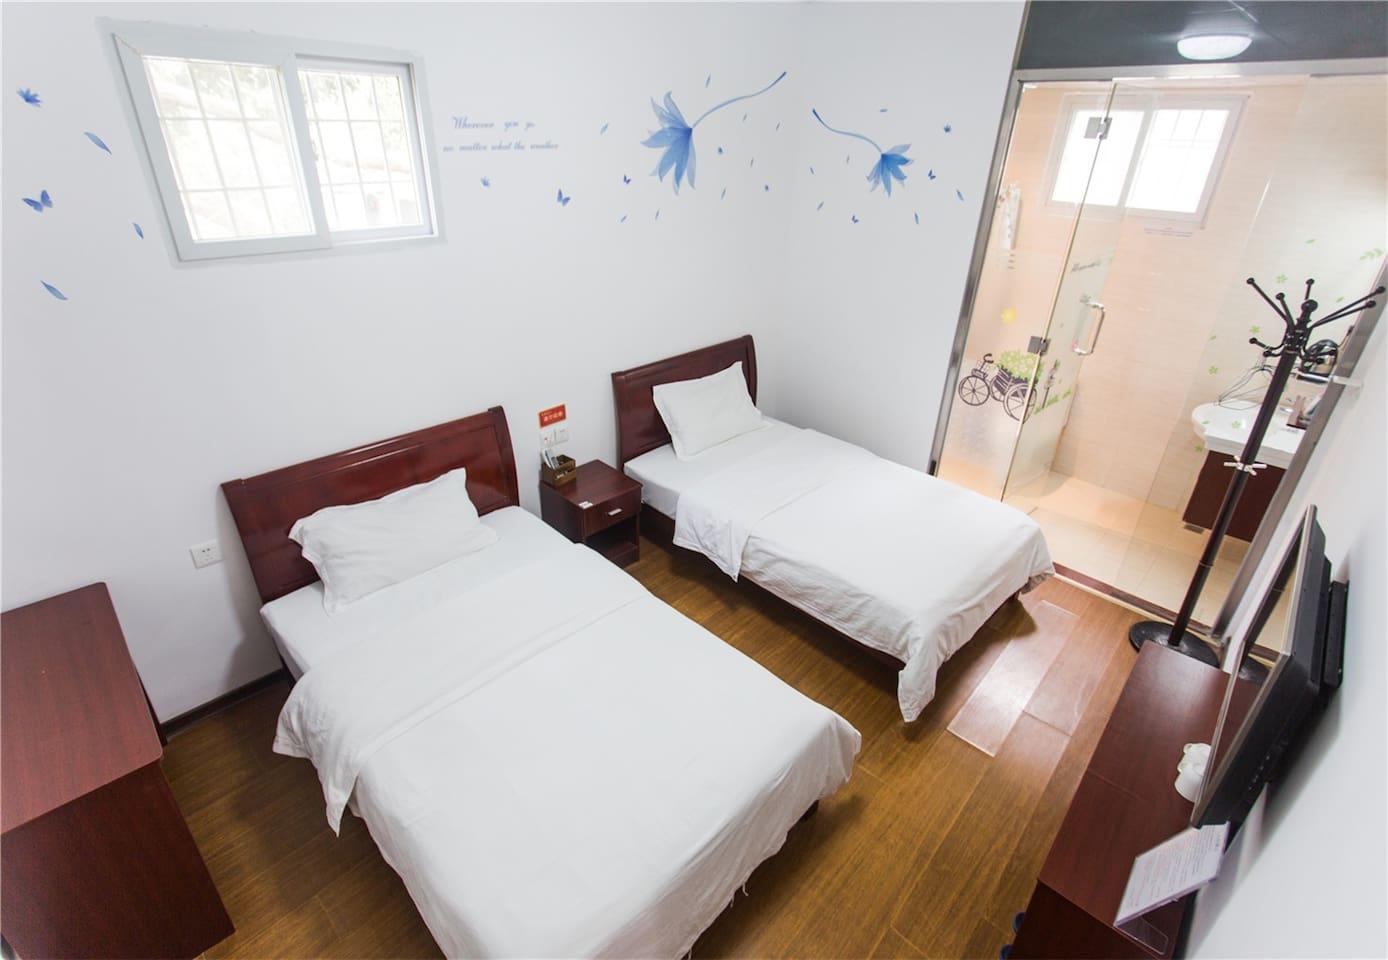 温馨独立的房间,窗外就是鸟语花香哦~